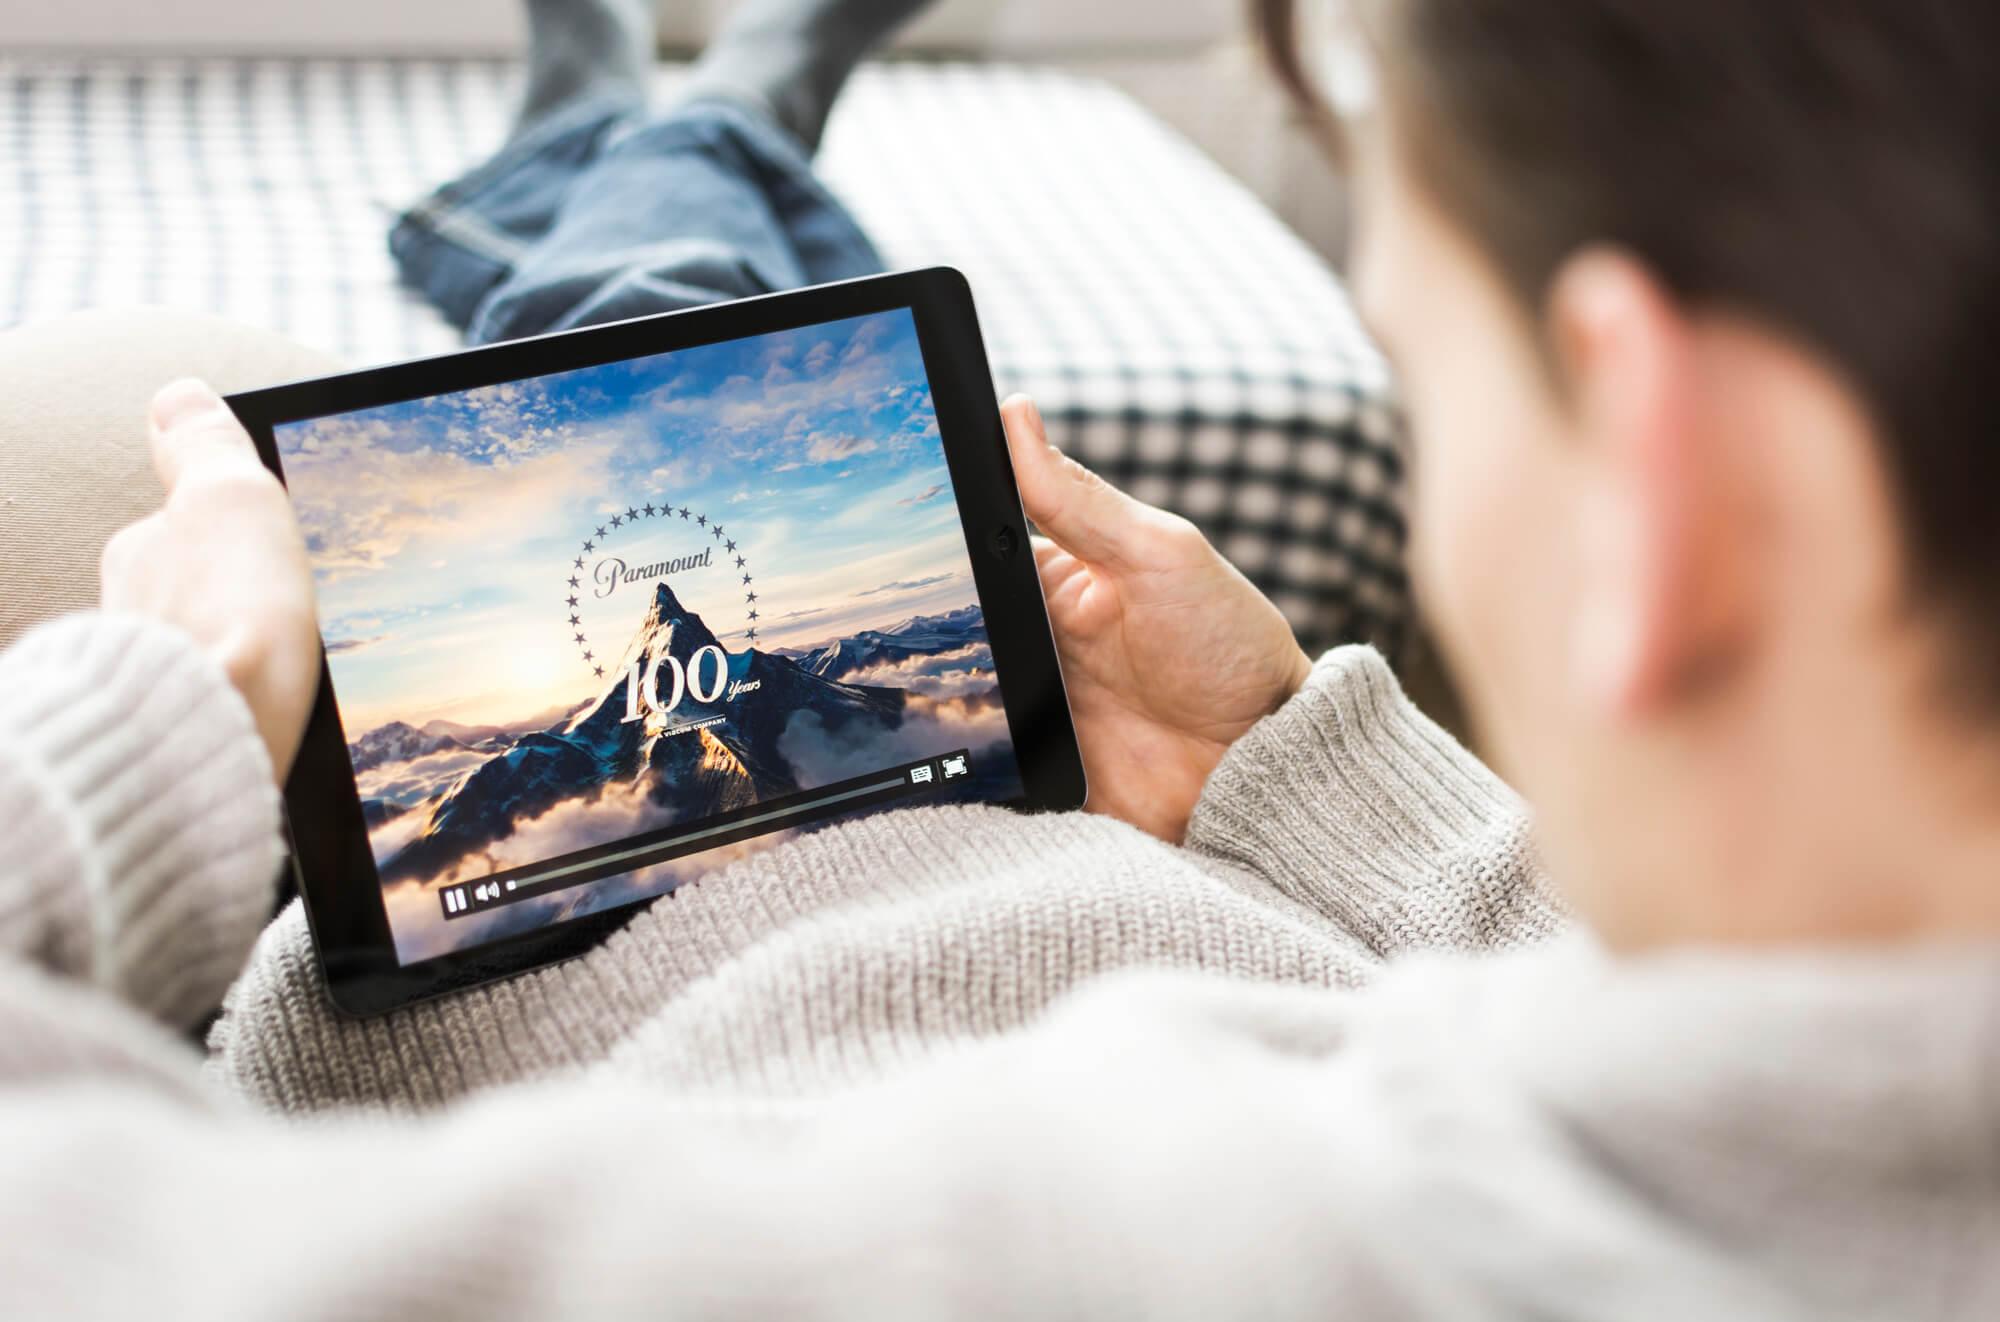 Hvad skal en VPN til at se amerikansk Netflix kunne